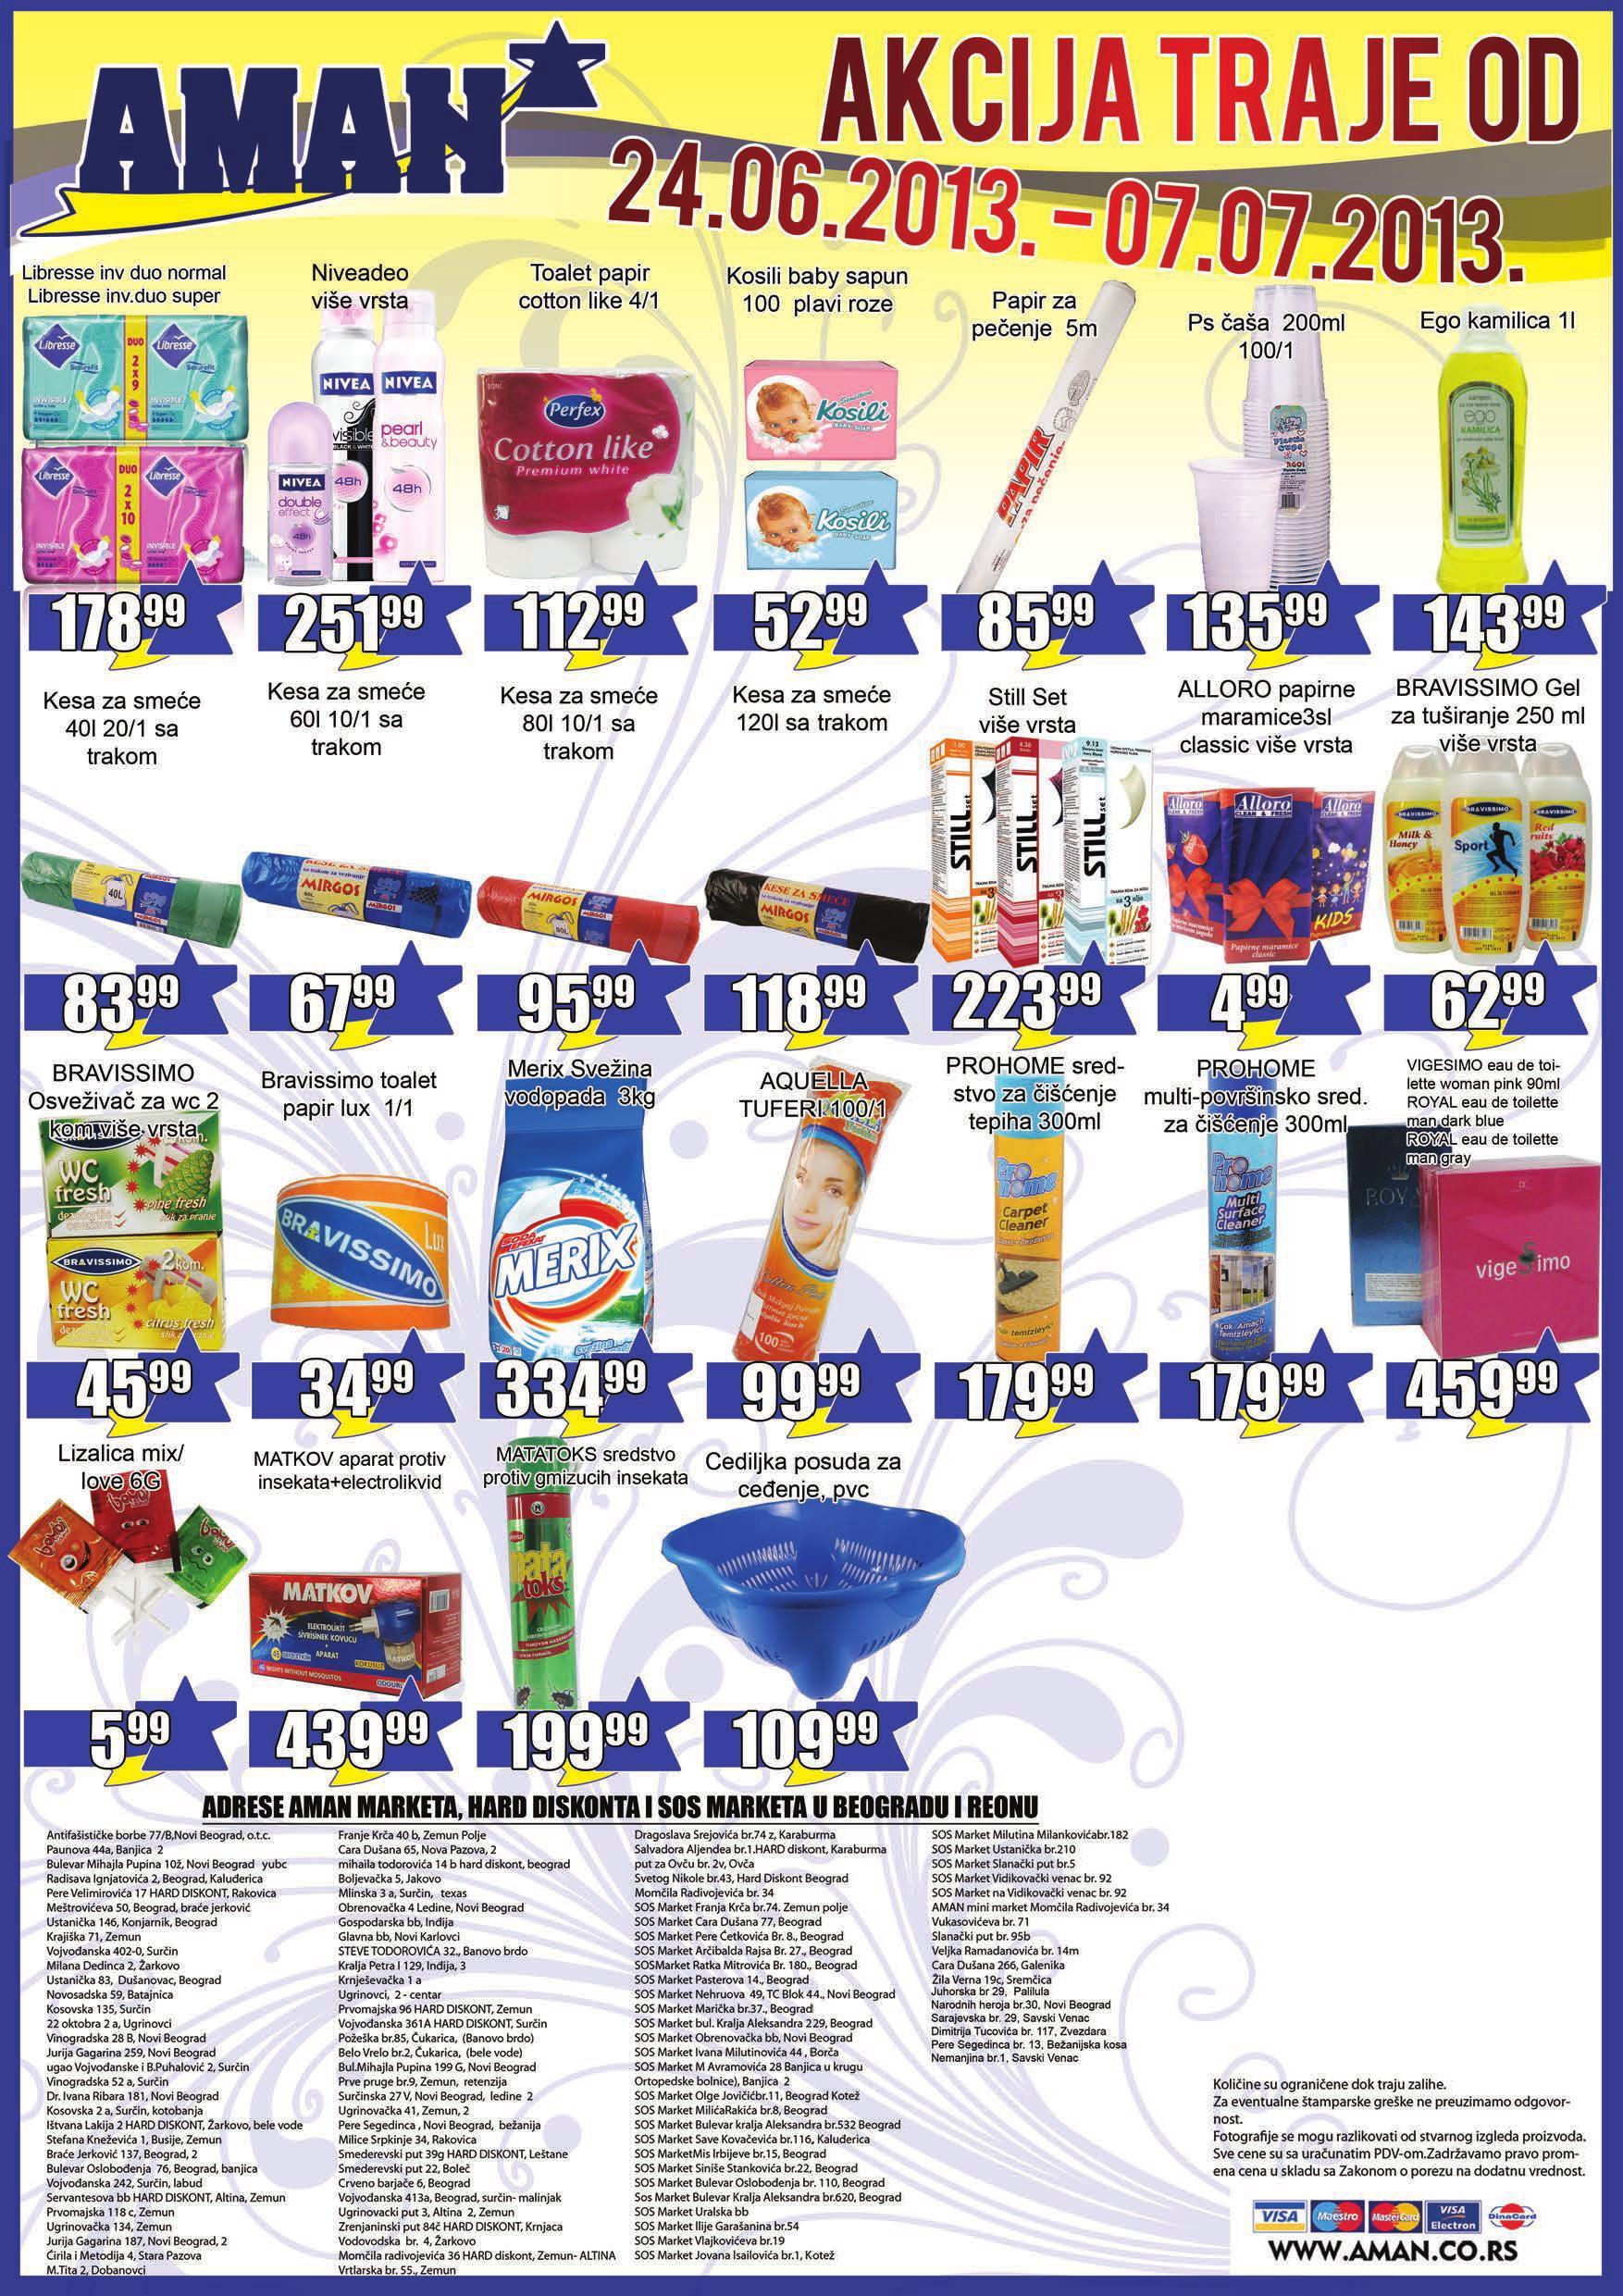 Aman katalog najbolje kupovine